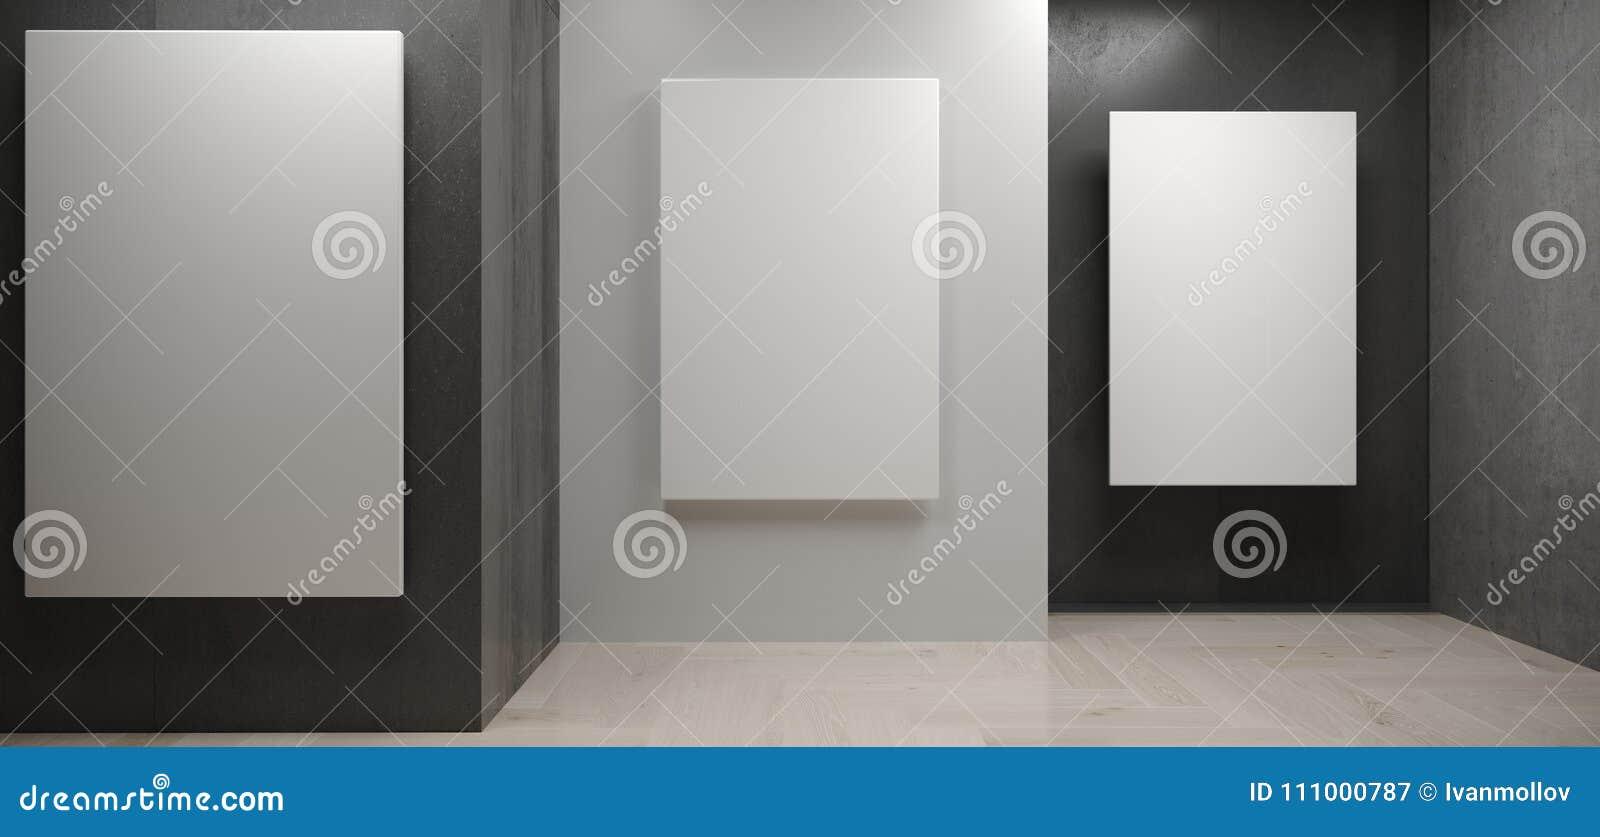 Realistyczny Betonowy pokój Z Białymi plakatami Na ścianach